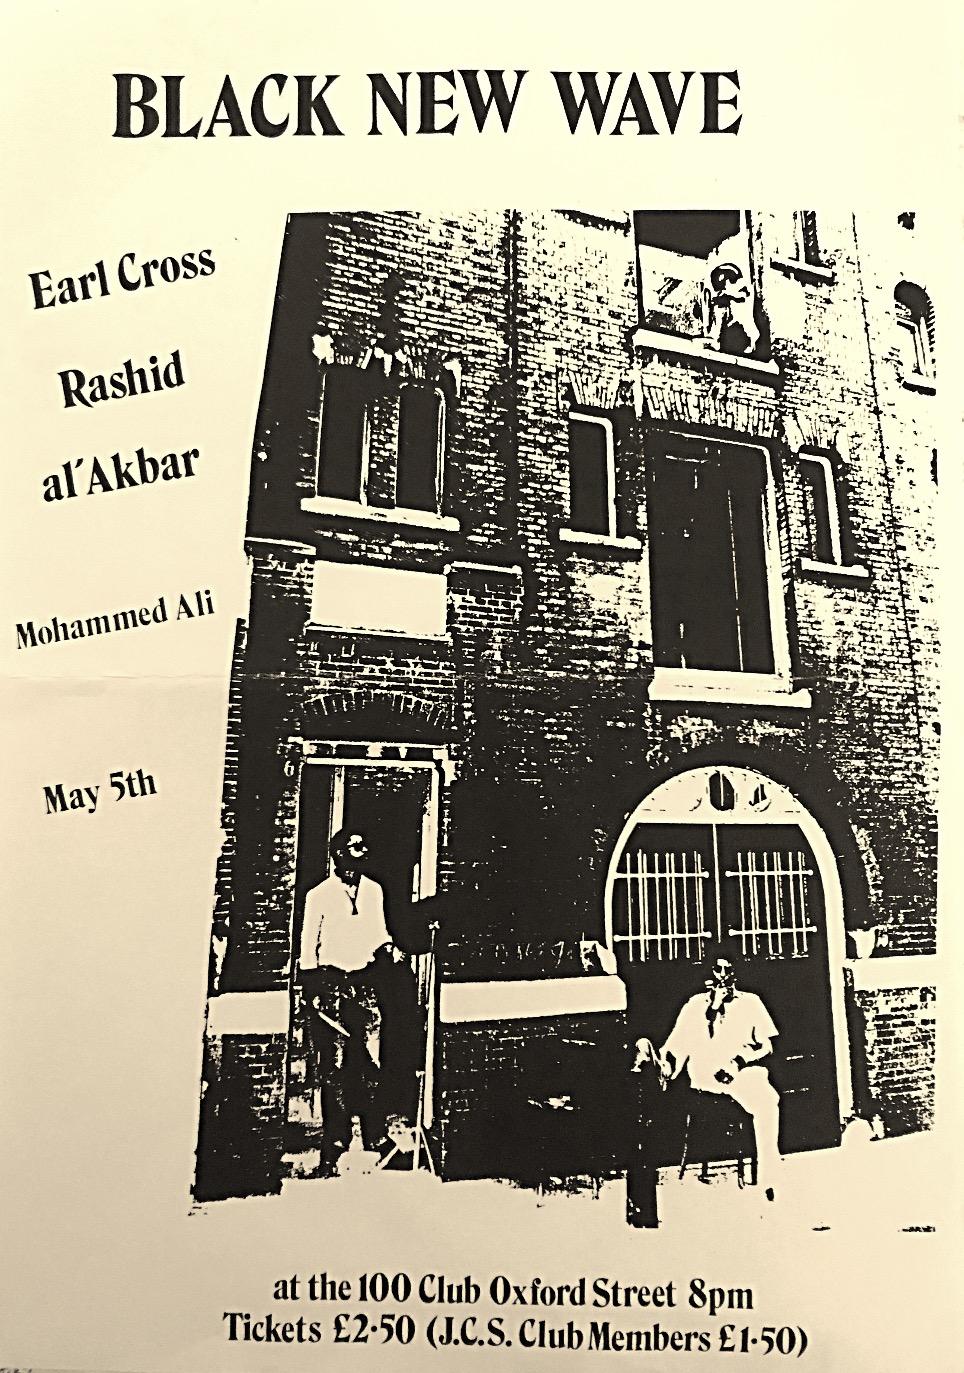 Earl Cross